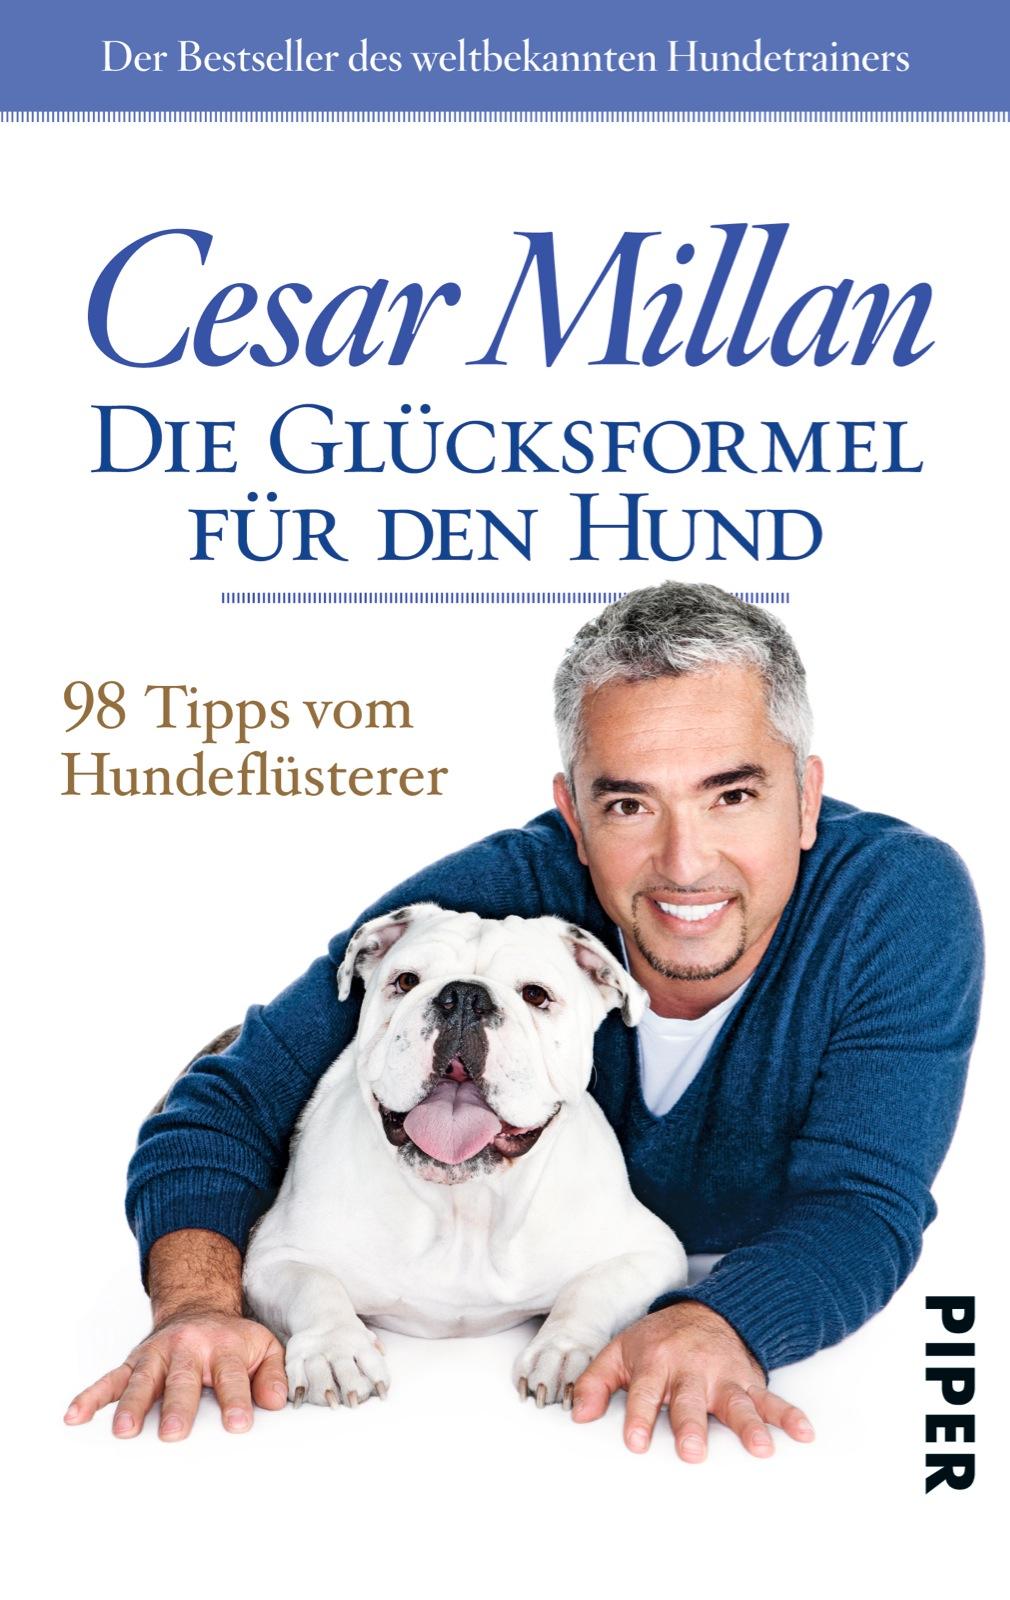 Die Glücksformel für den Hund: 98 Tipps vom Hundeflüsterer - Cesar Millan [Taschenbuch]